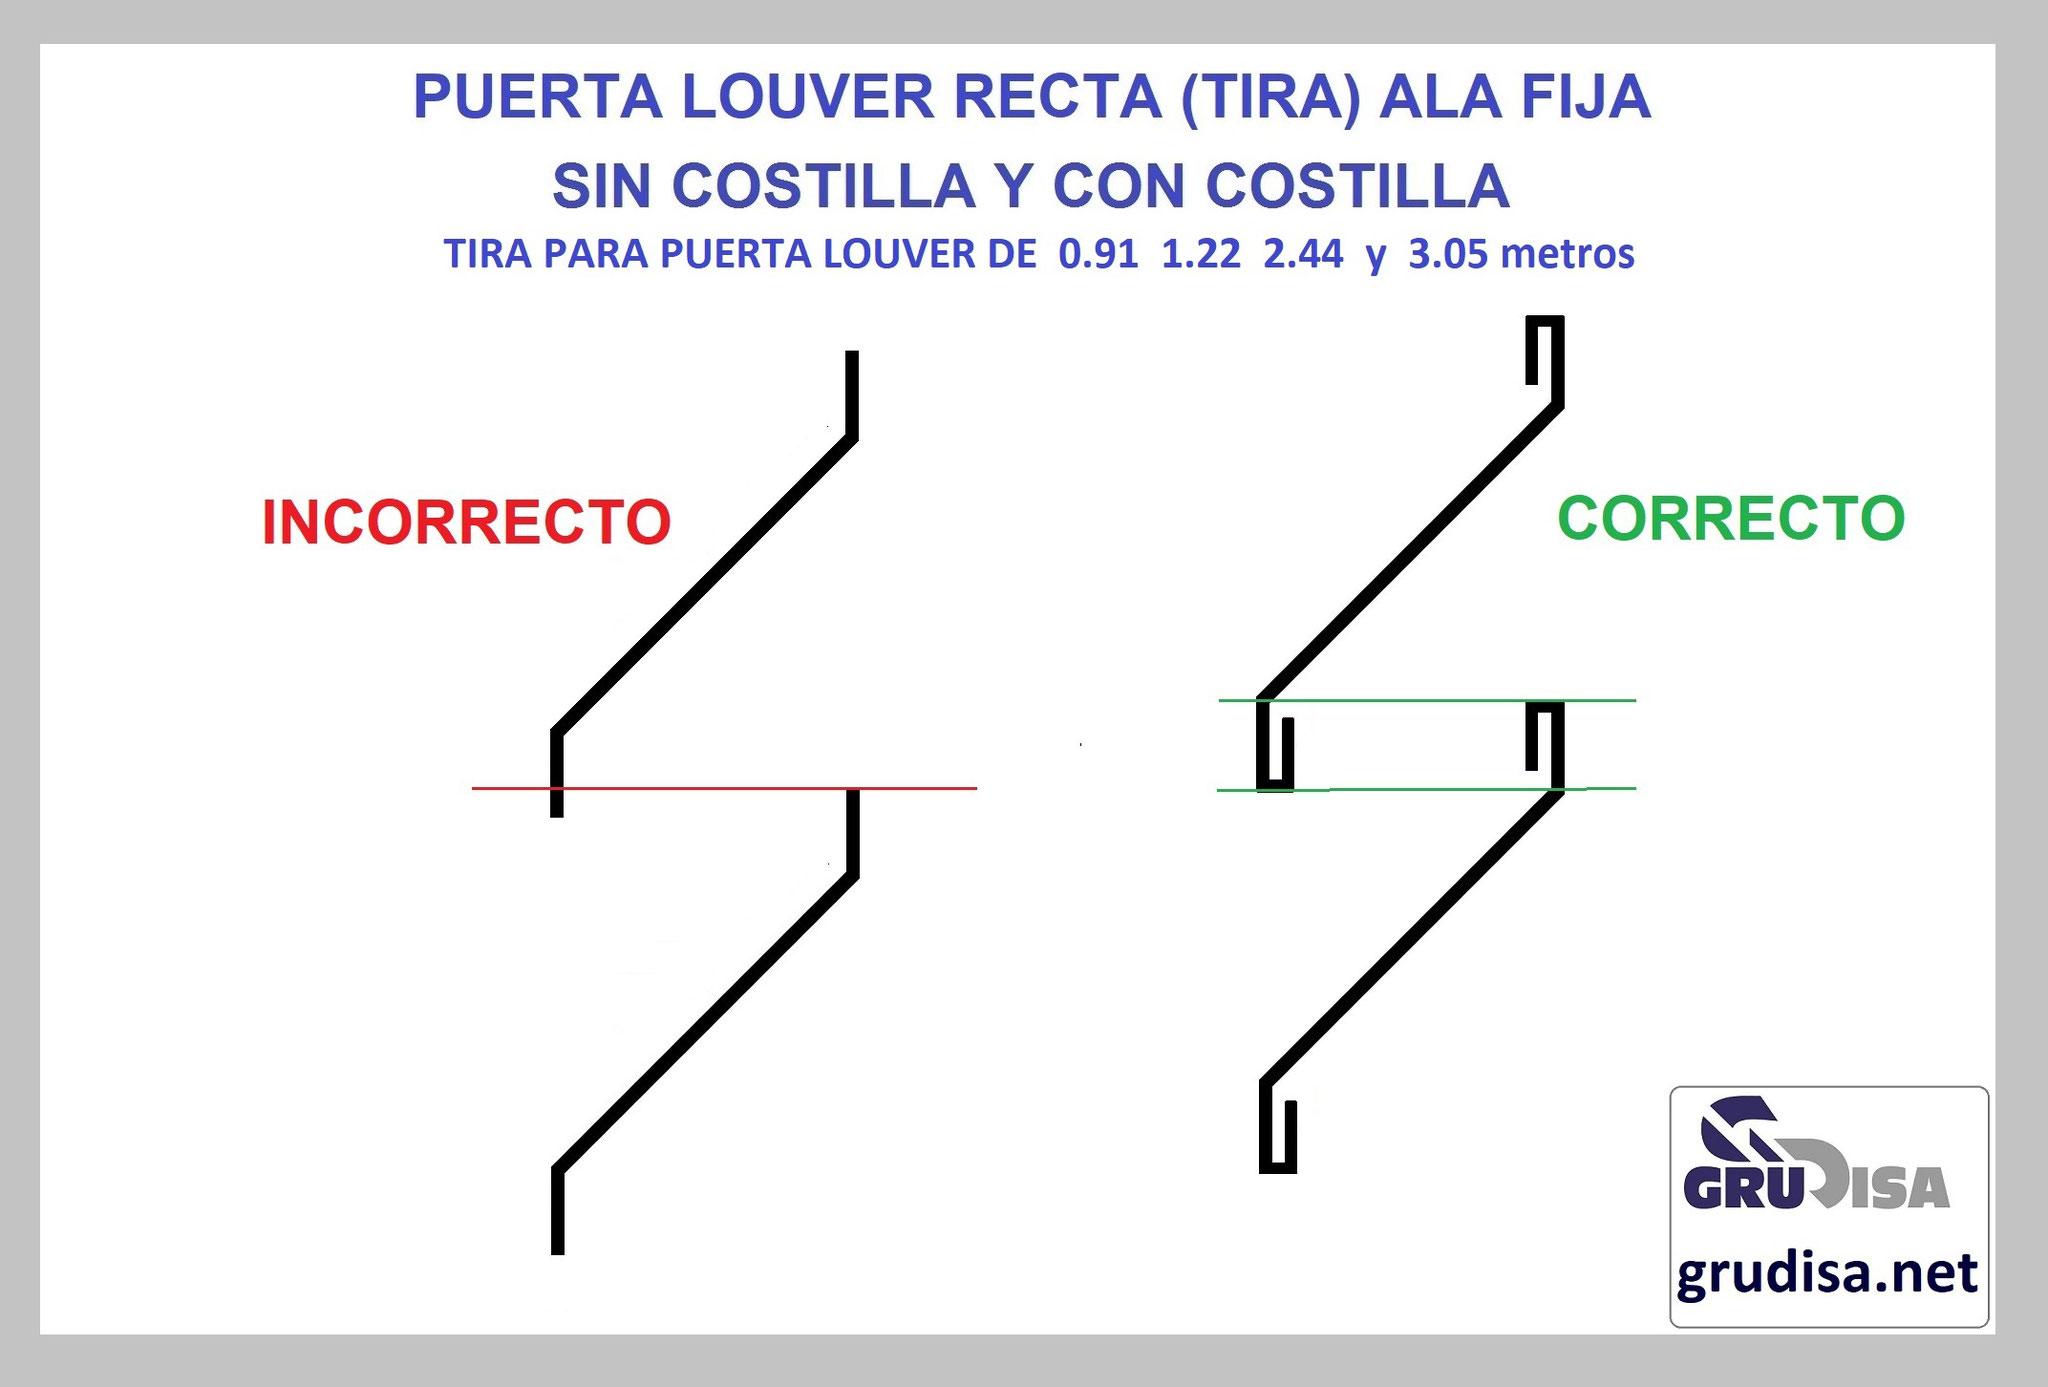 PUERTA LOUVER (TIRA) MODELO RECTA CON y SIN COSTILLA